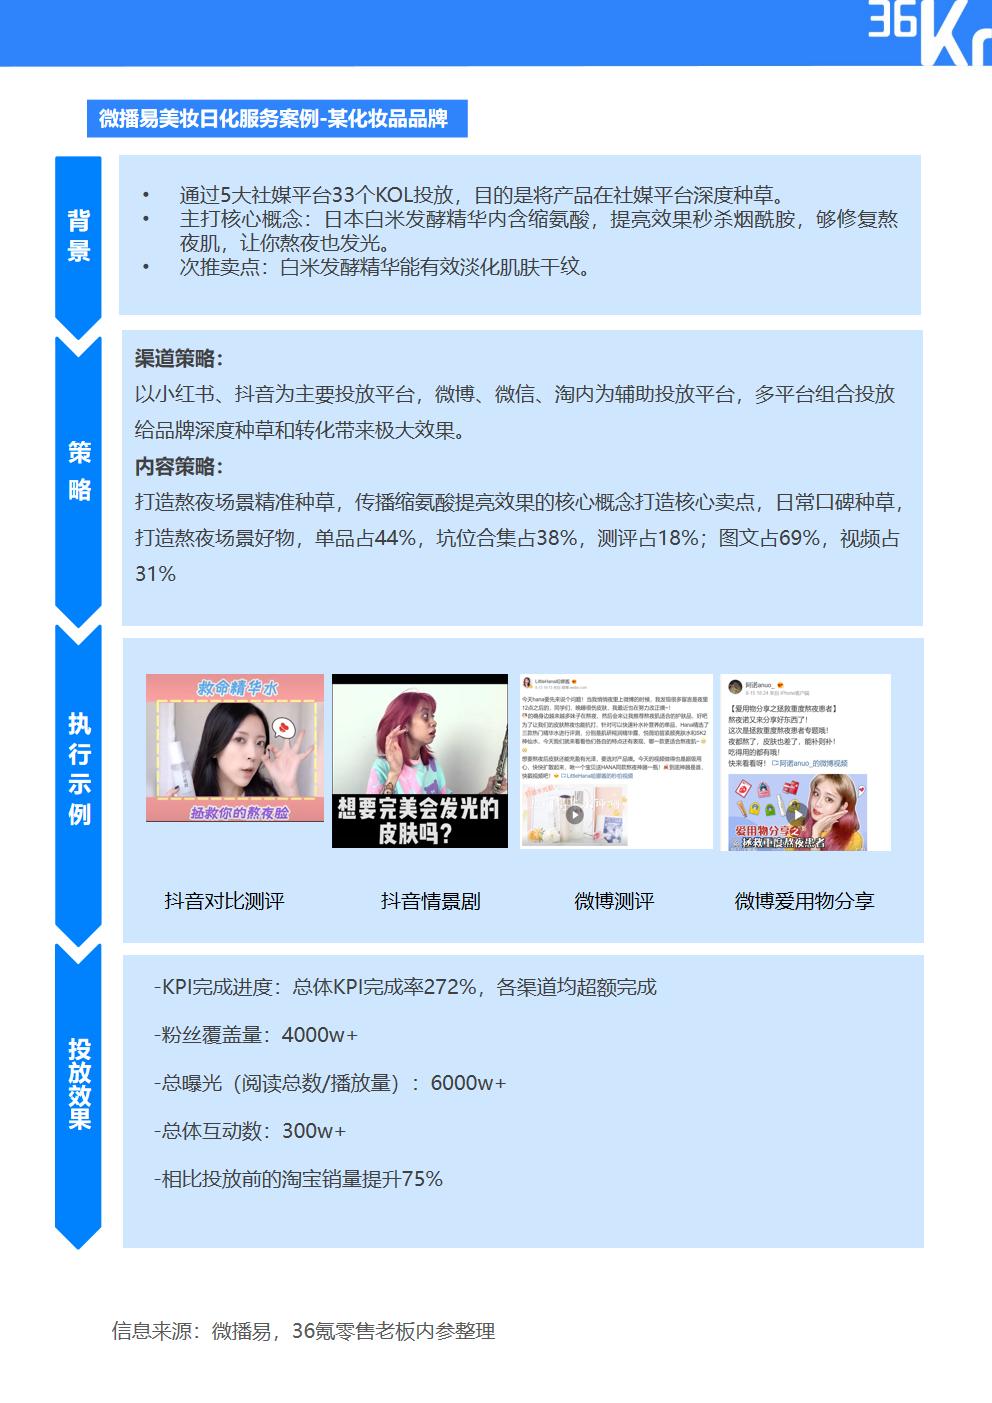 2020年中国快消品行业KOL内容营销报告